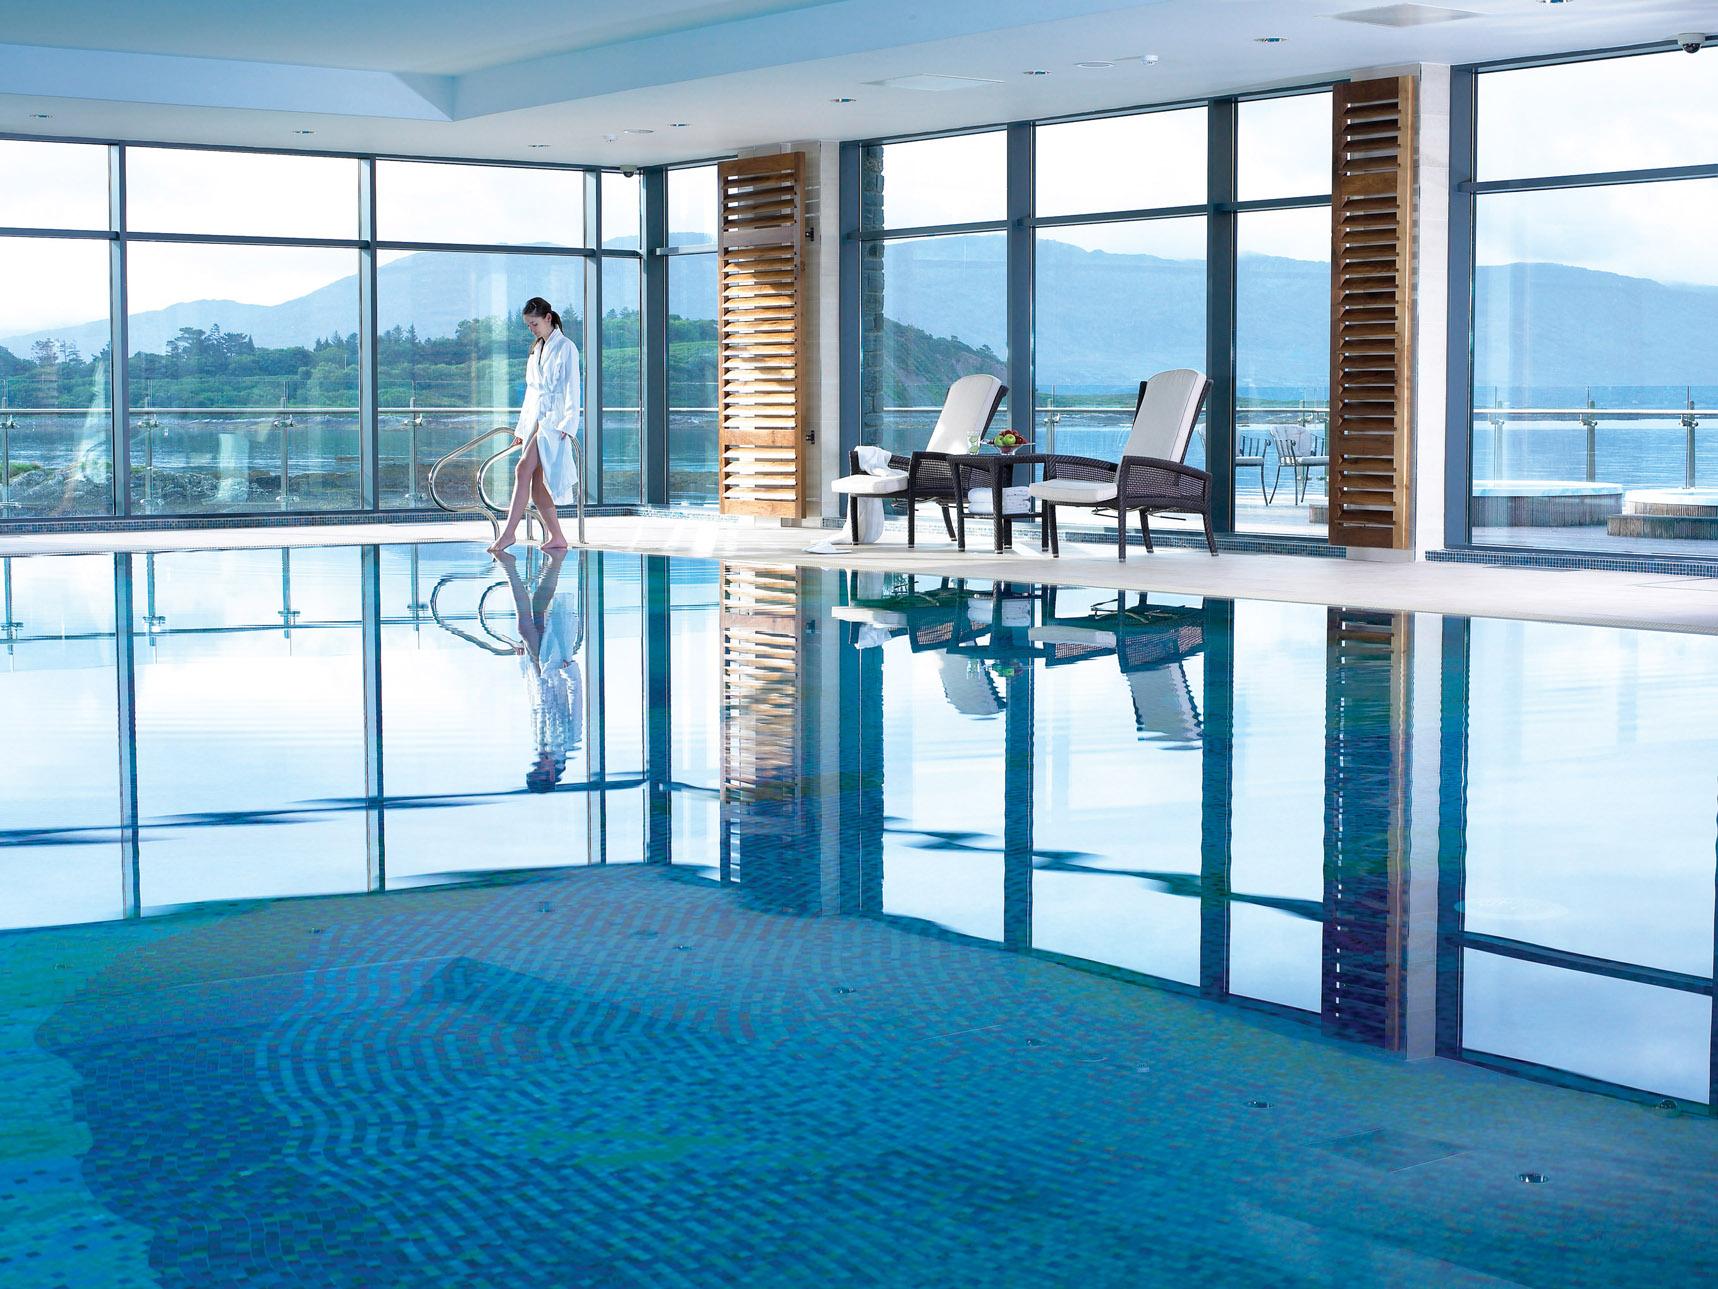 Pool-Parknasilla-Resort